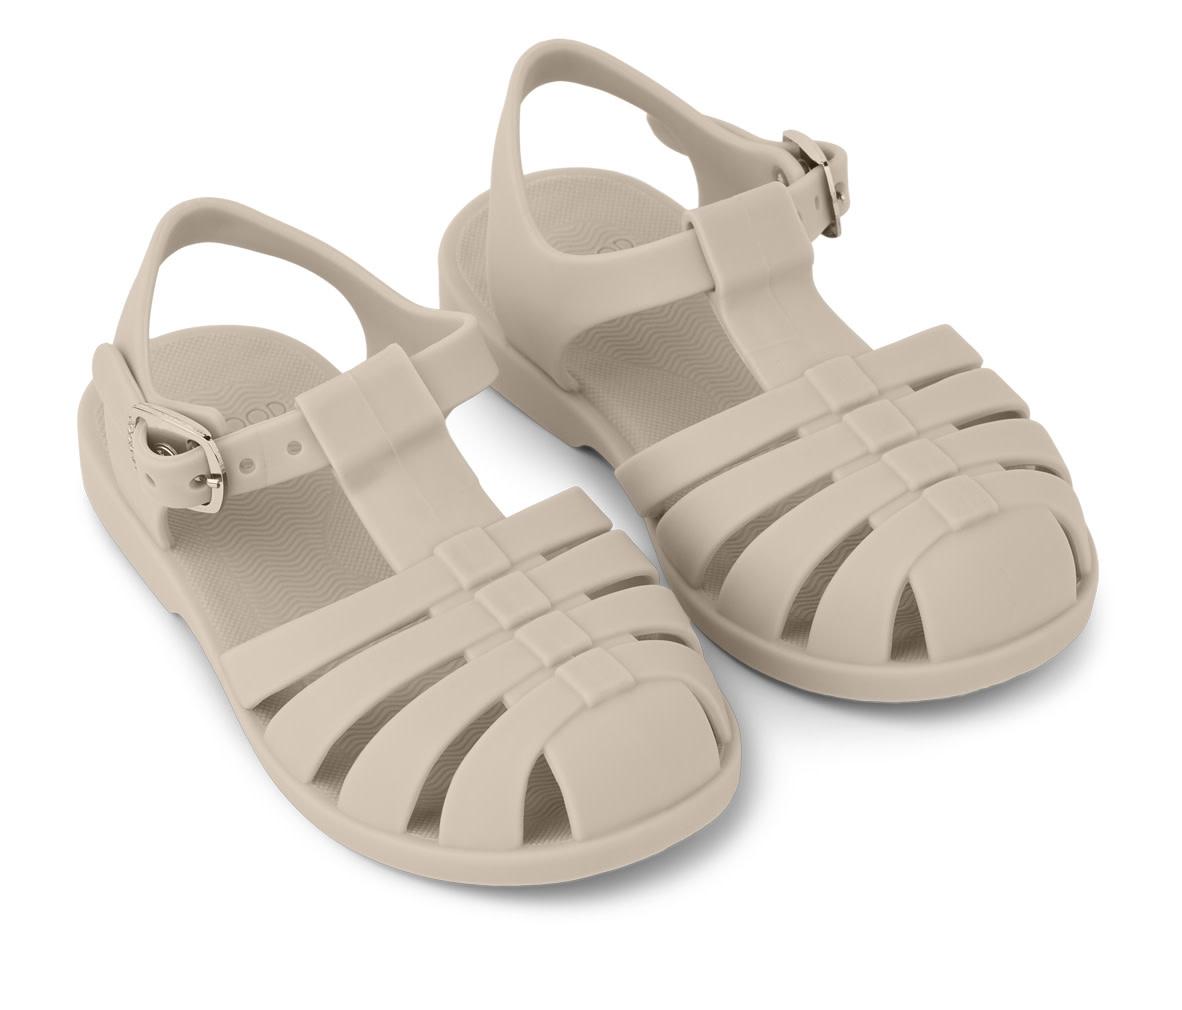 Bre sandals sandy-2